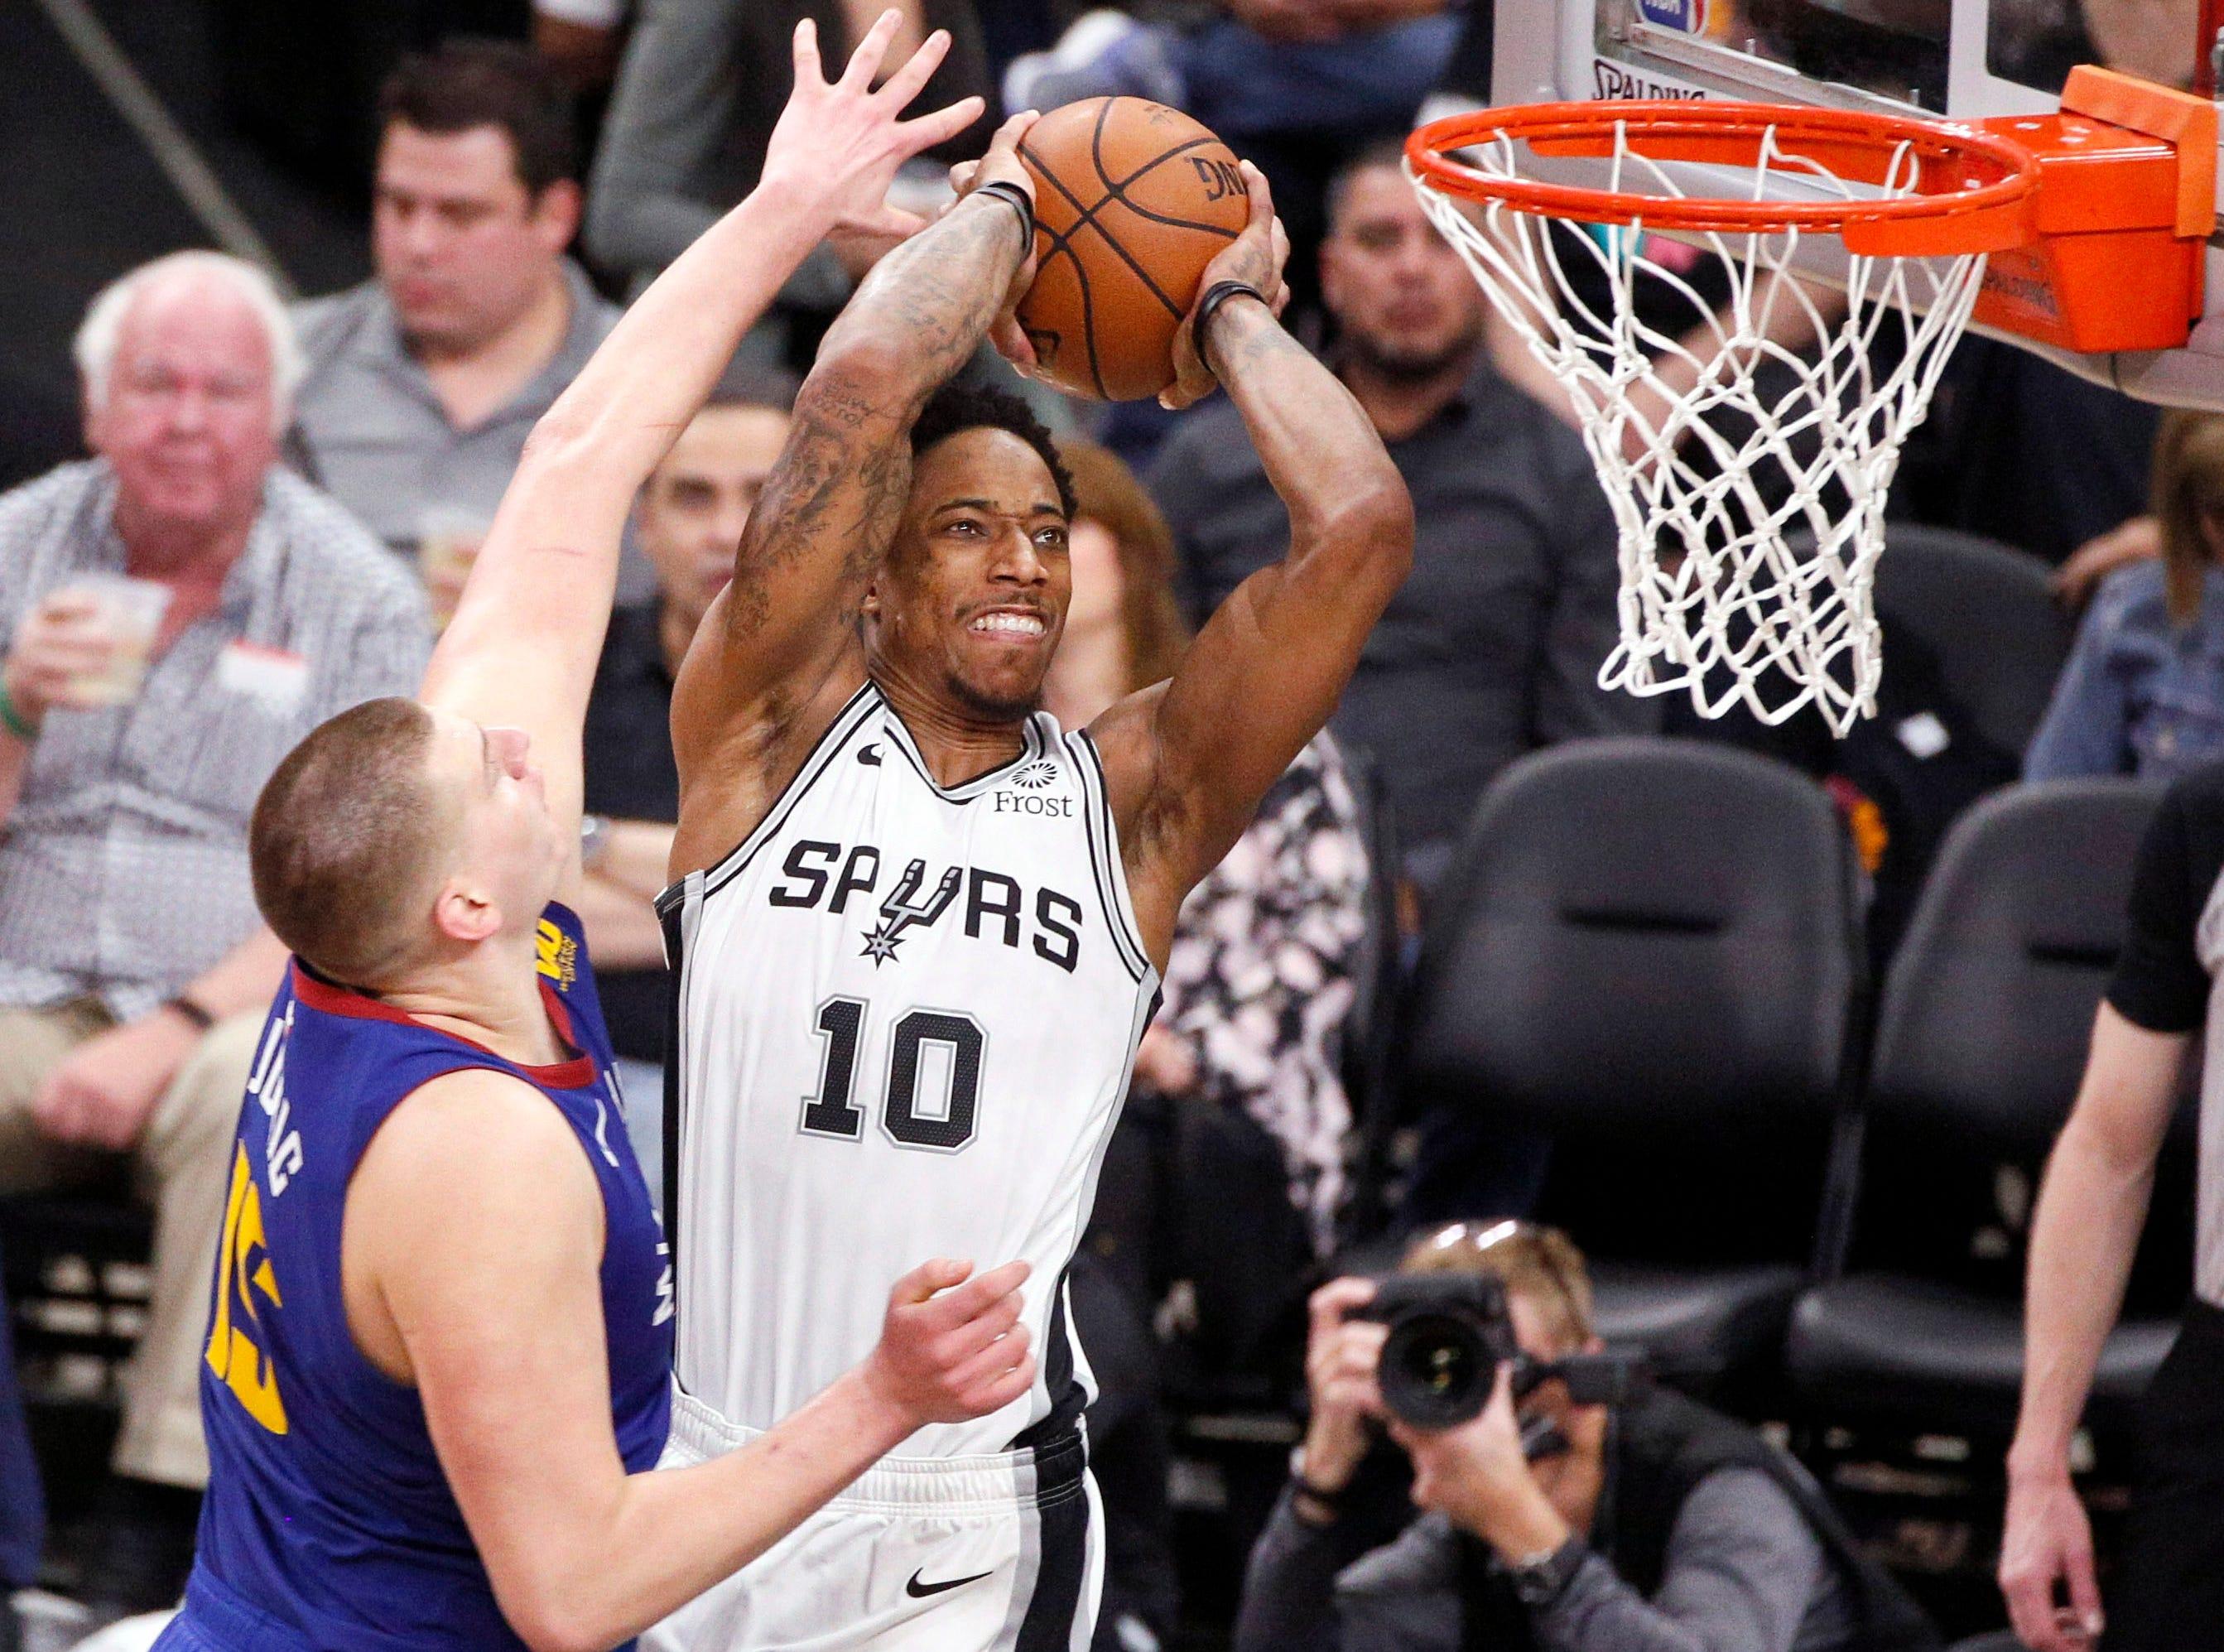 April 18: Spurs guard DeMar DeRozan (10) rises up for the two-handed flush over Nuggets defender Nikola Jokic (15) during Game 4.